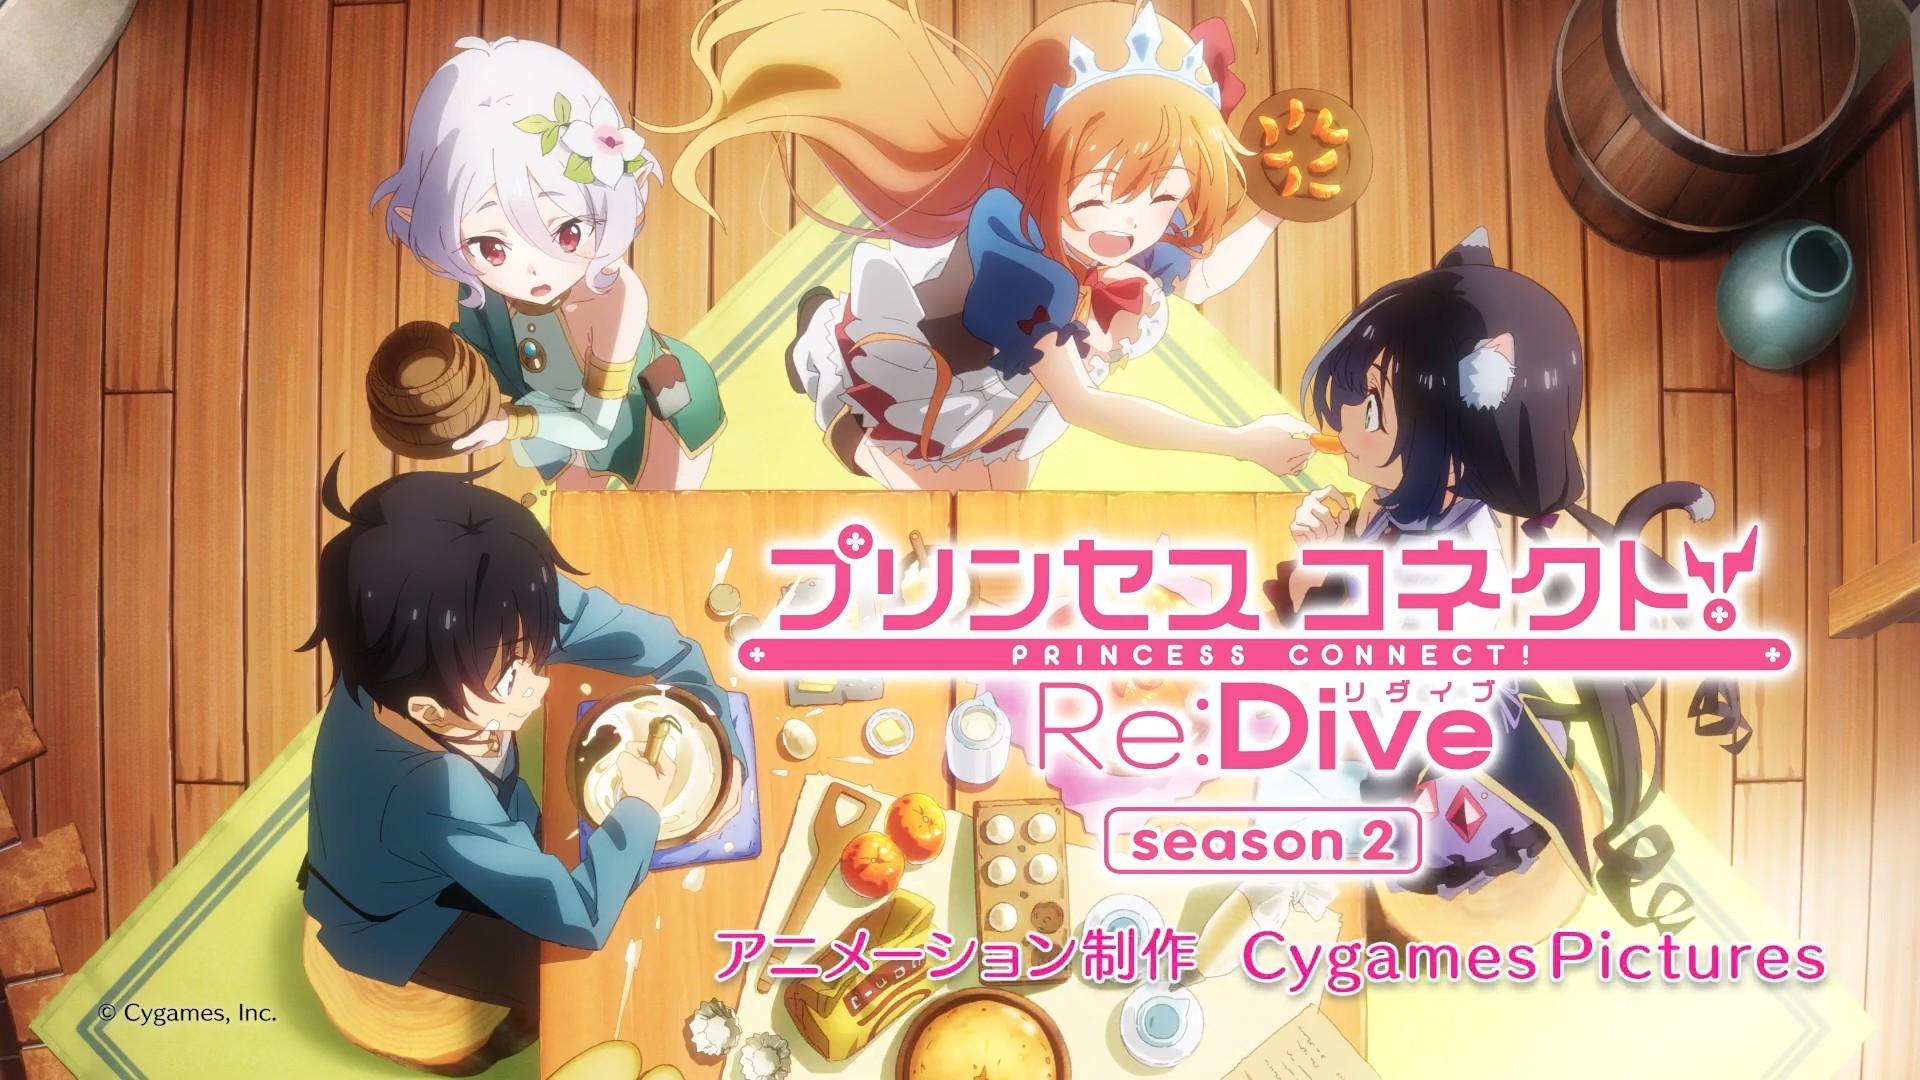 【动漫情报】TV动画《公主连结!Re:Dive》第二季制作决定,先导PV公开